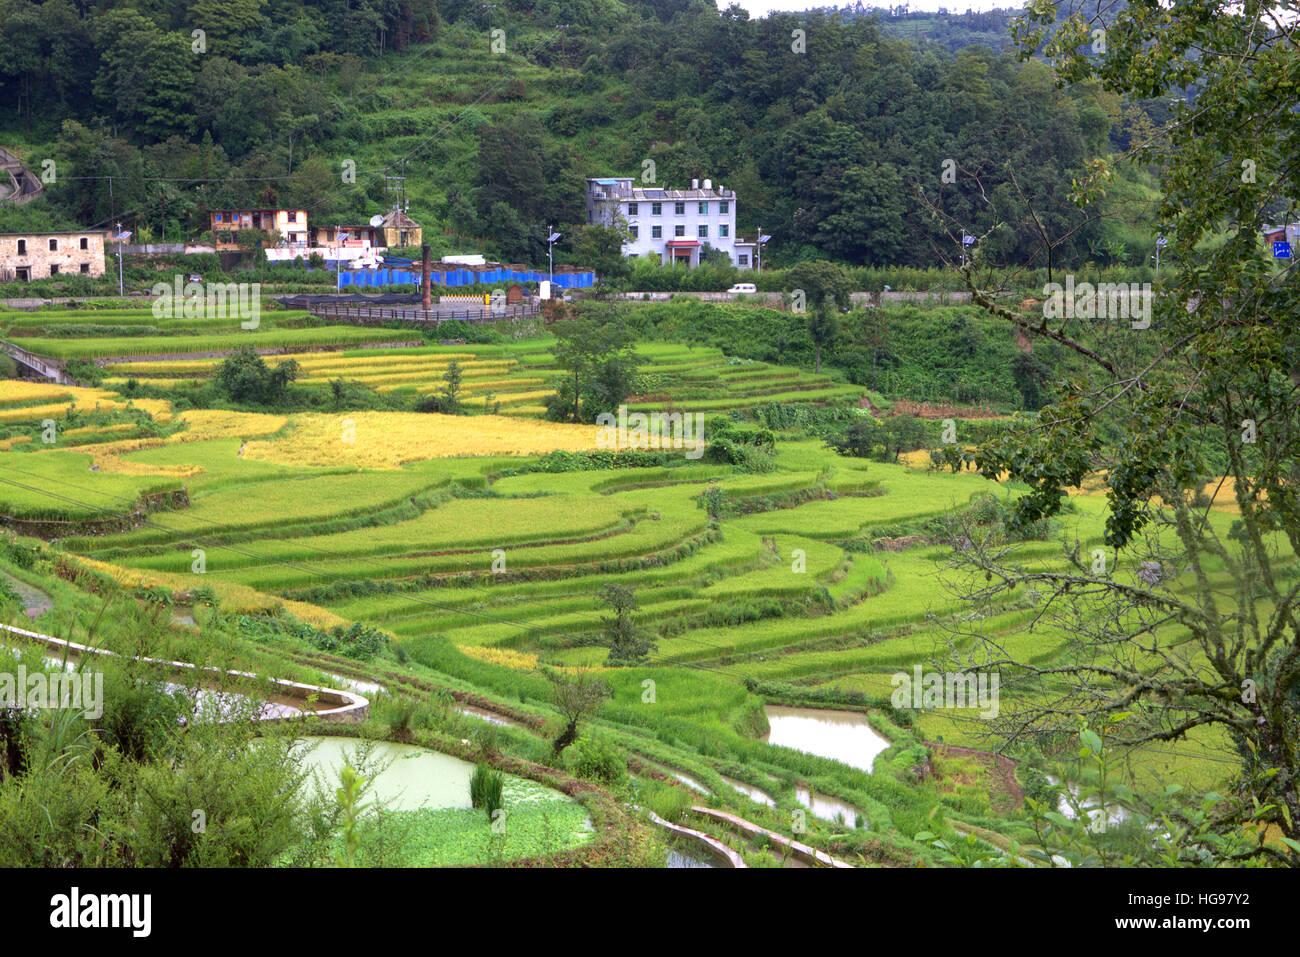 Yuanyang Hani Rice Terraces, Yunnan, China, summer - Stock Image